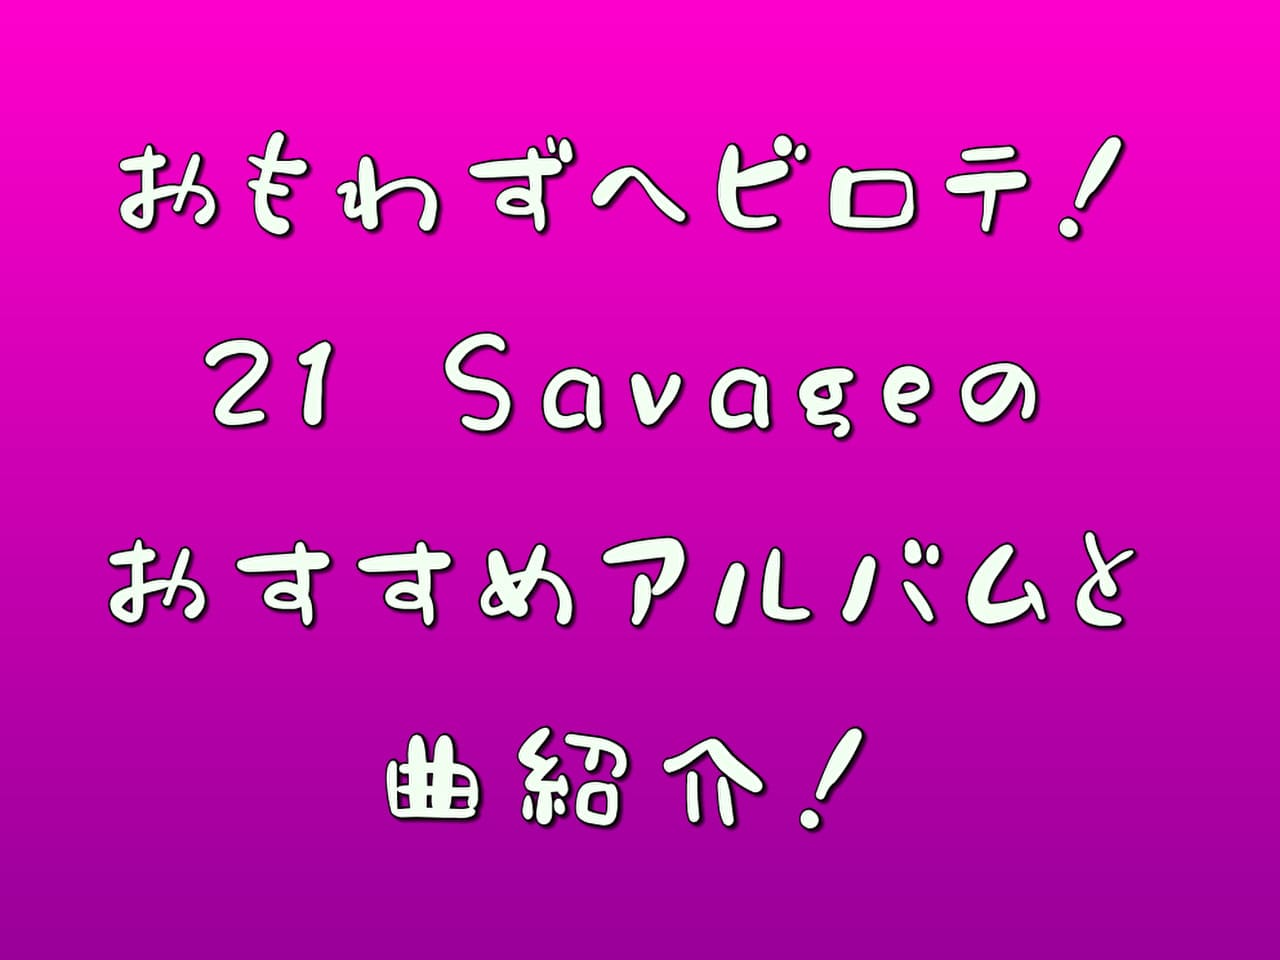 おもわずヘビロテ!『21 Savage』のおすすめアルバムと曲紹介!